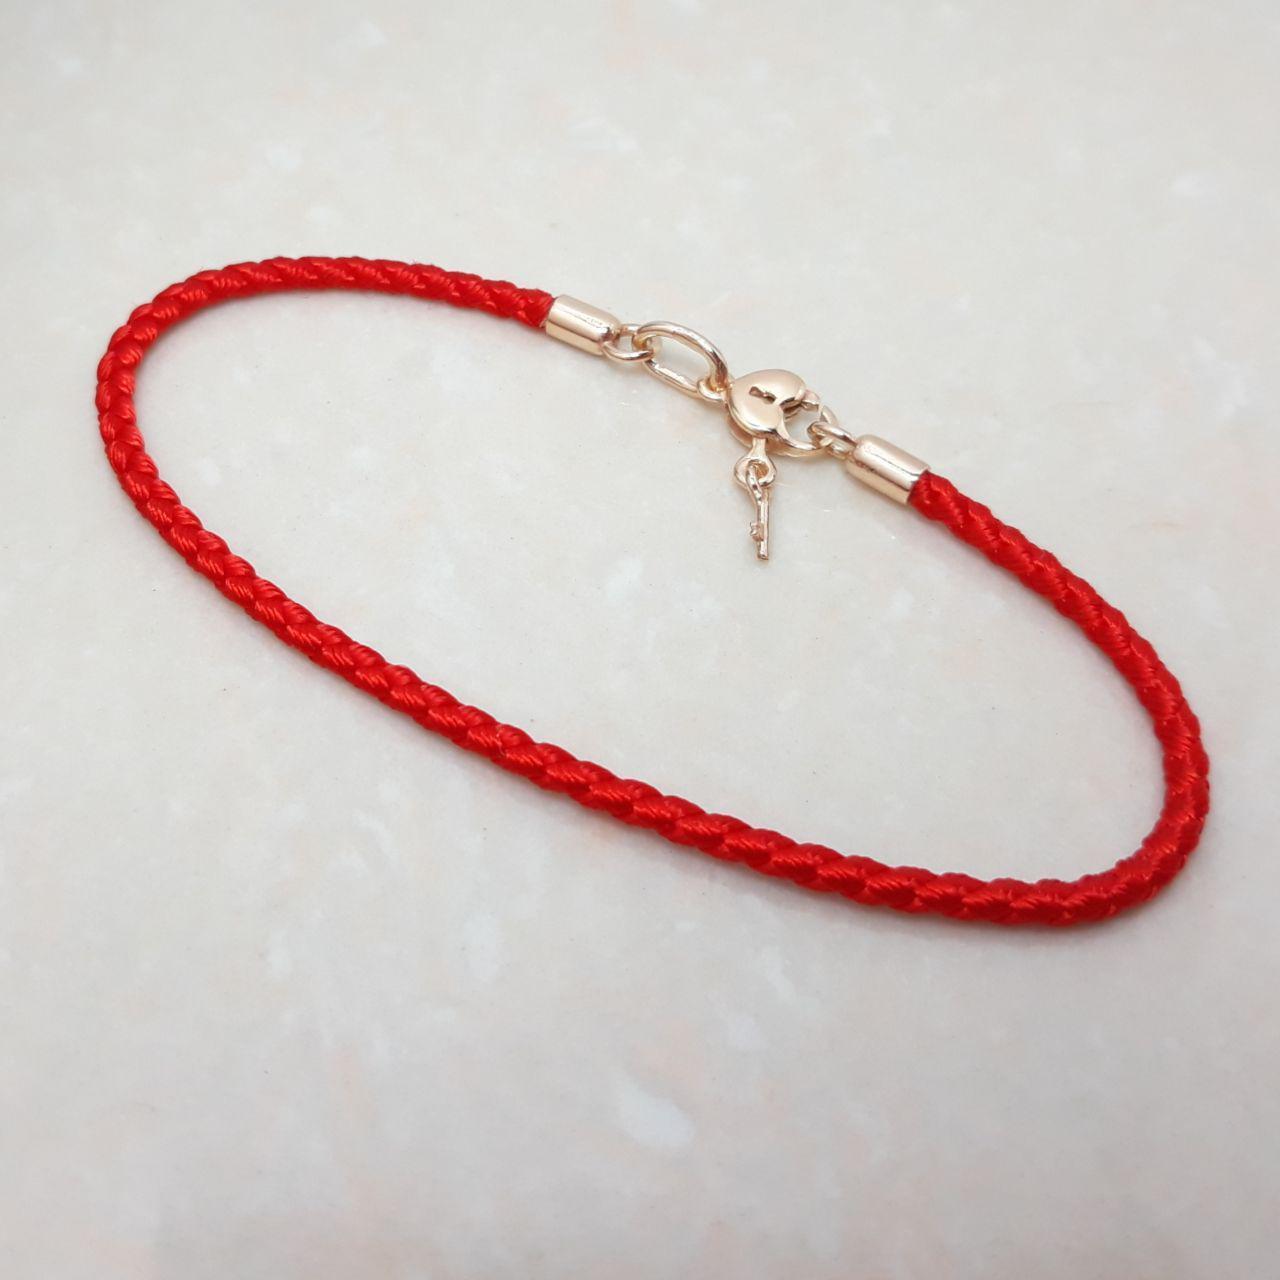 """Браслет-оберег """"Красная нить"""",серебро 925, красное золото, натуральный шёлковый шнур Валенсия - качество ТОП!!"""